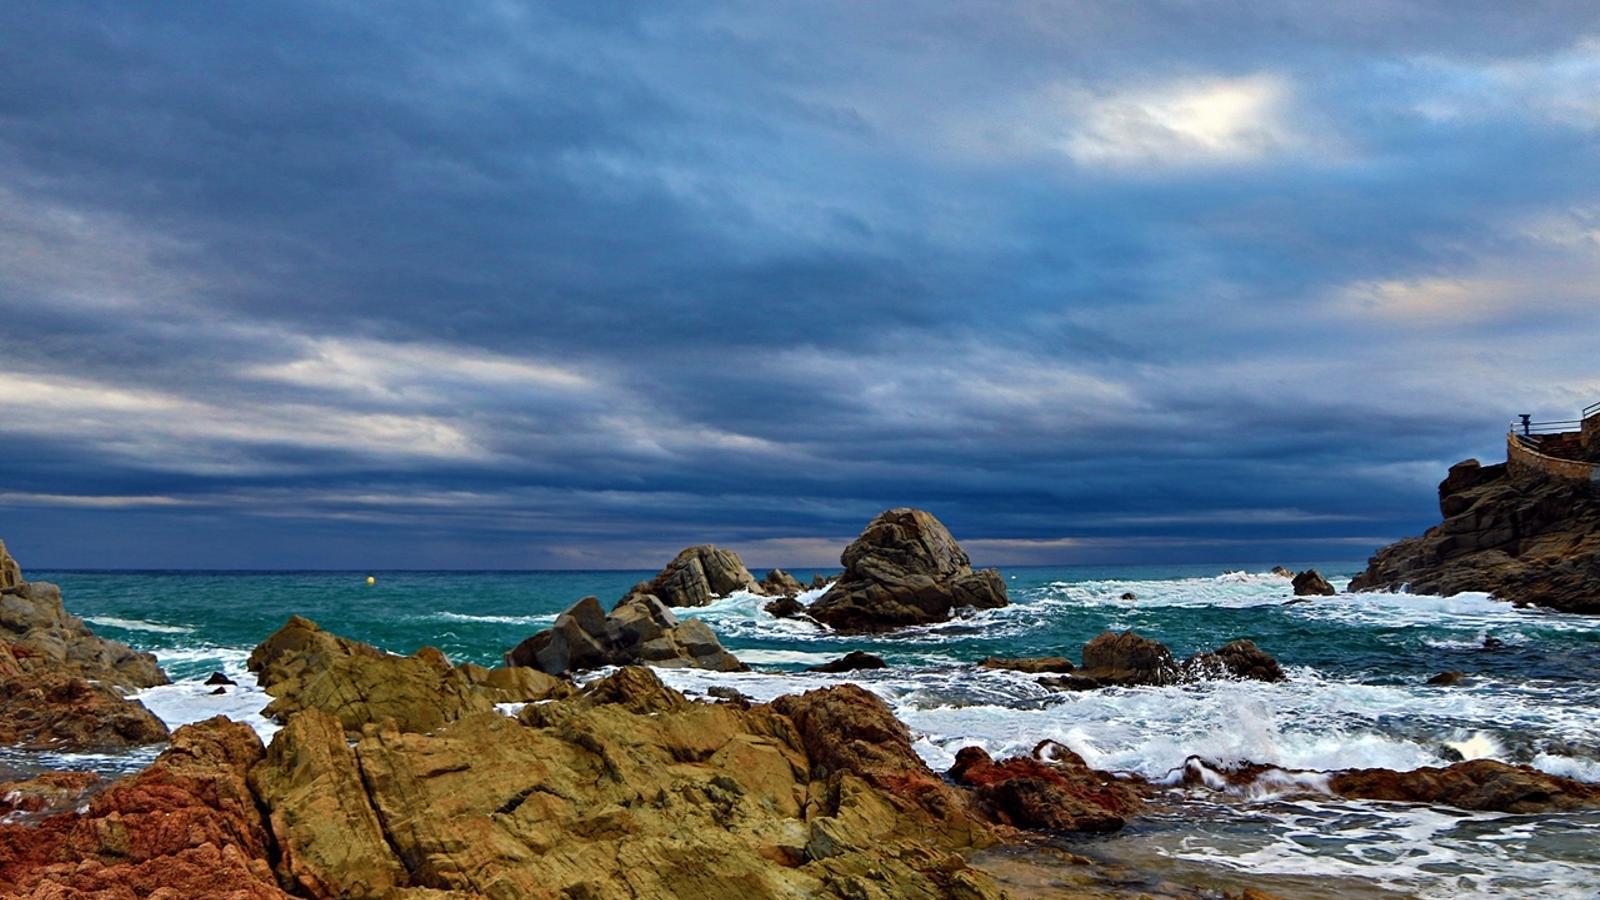 Mosaic fotogr fic d 39 un cap de setmana mogut meteorol gicament - Lloret del mar meteo ...